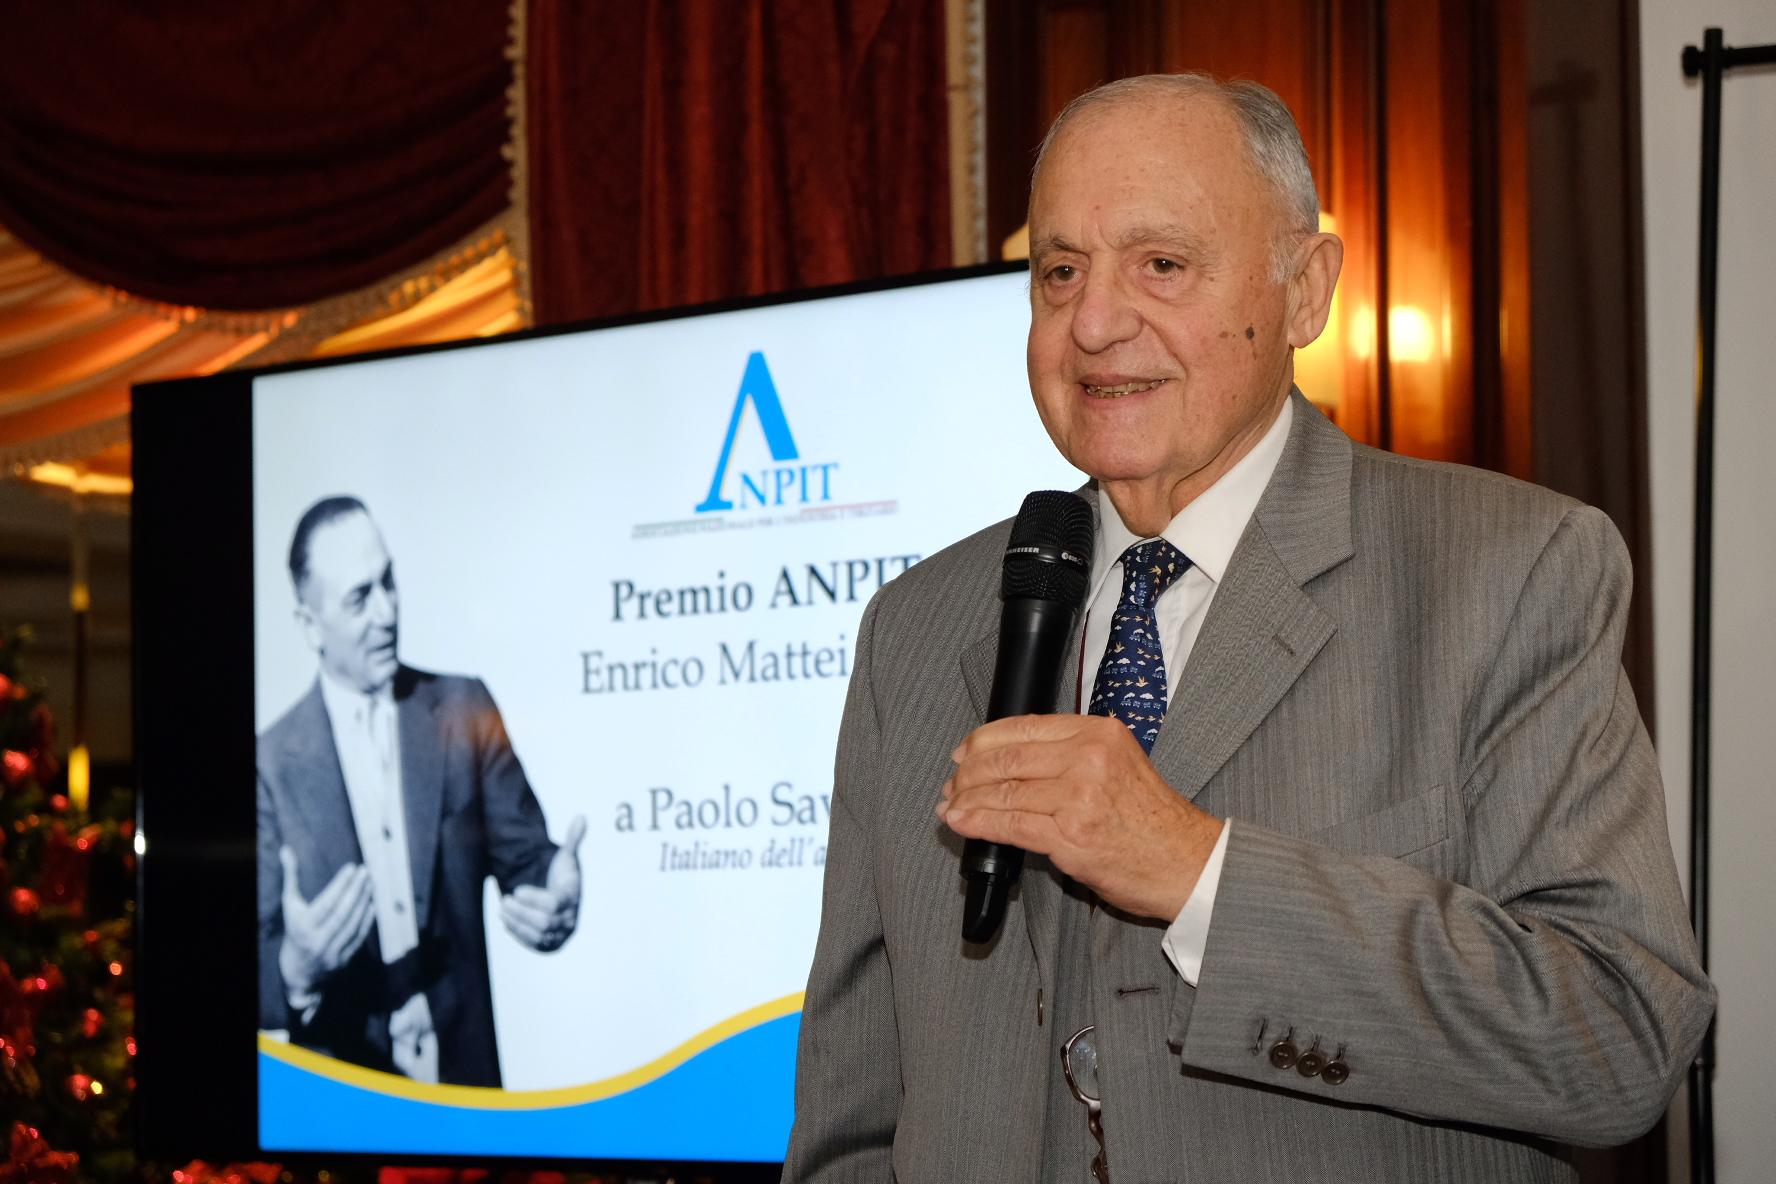 Al Ministro Savona il premio Enrico Mattei dell'ANPIT